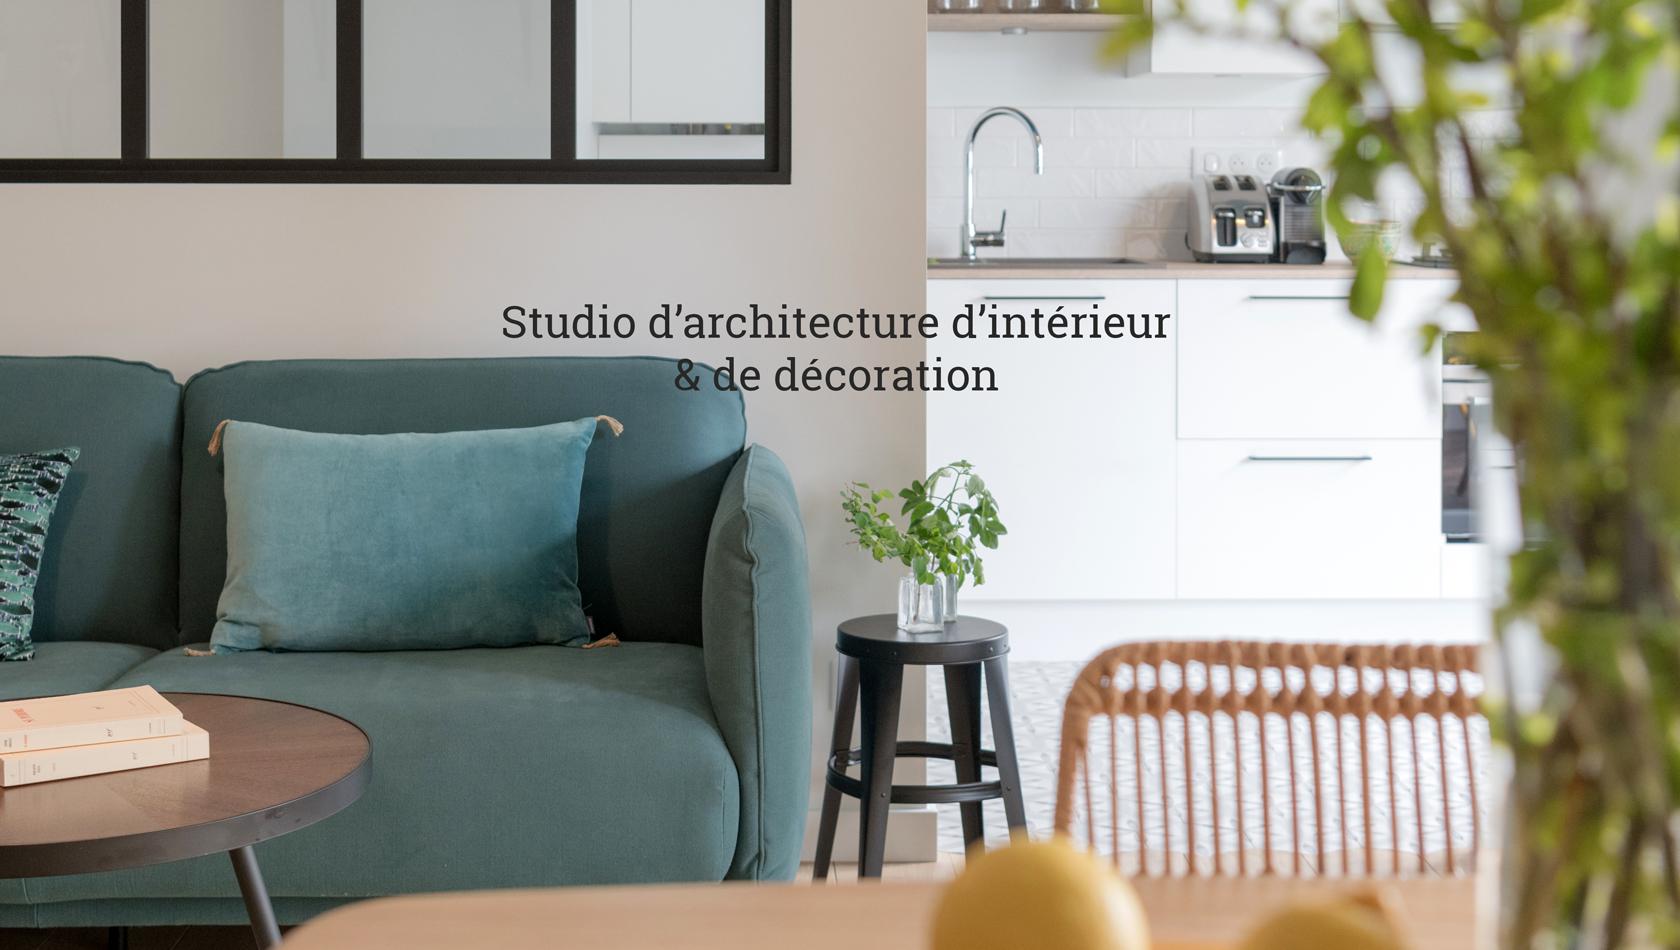 Skéa Designer. Studio d'architecture d'intérieur et de décoration. Lyon. Paris.